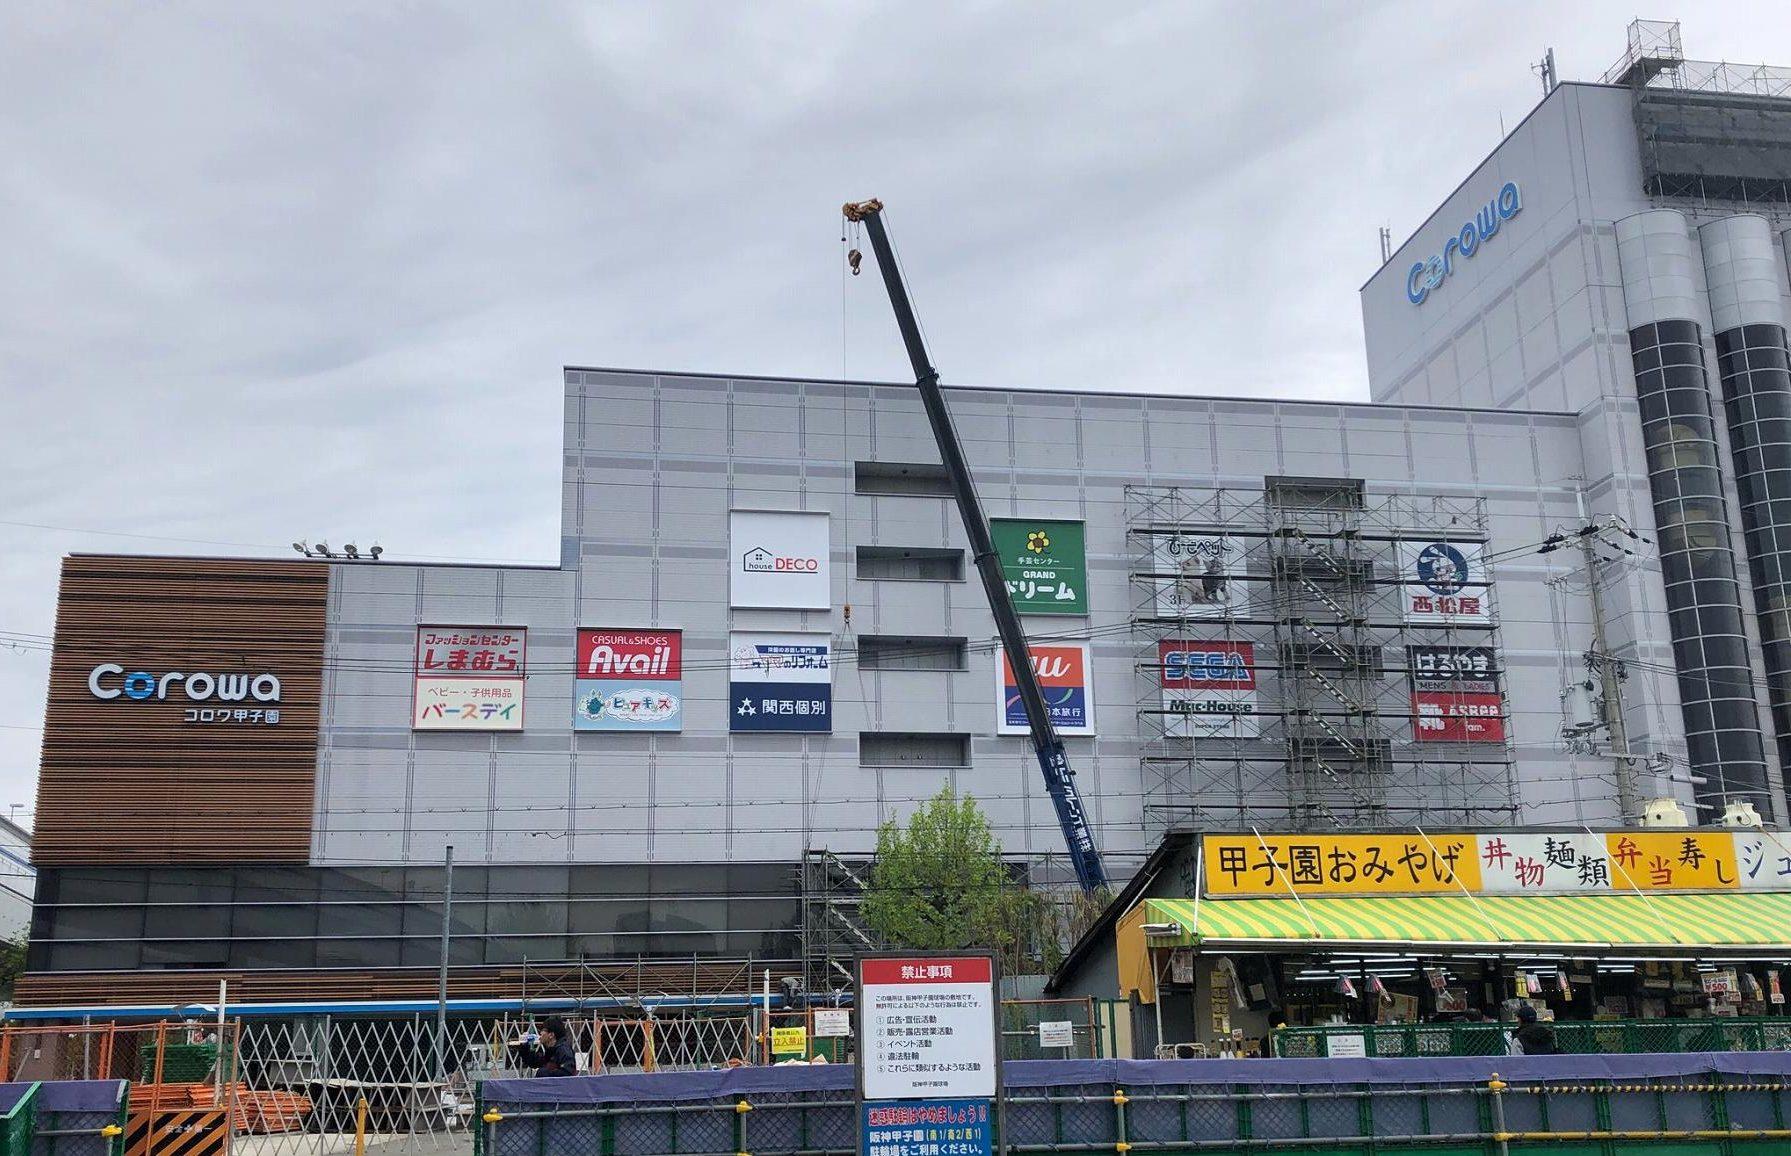 西宮の「コロワ甲子園」が2018年4月26日(木)グランドオープン!現在の様子がこちら #コロワ甲子園 #新規オープン #阪神甲子園 #Corowa